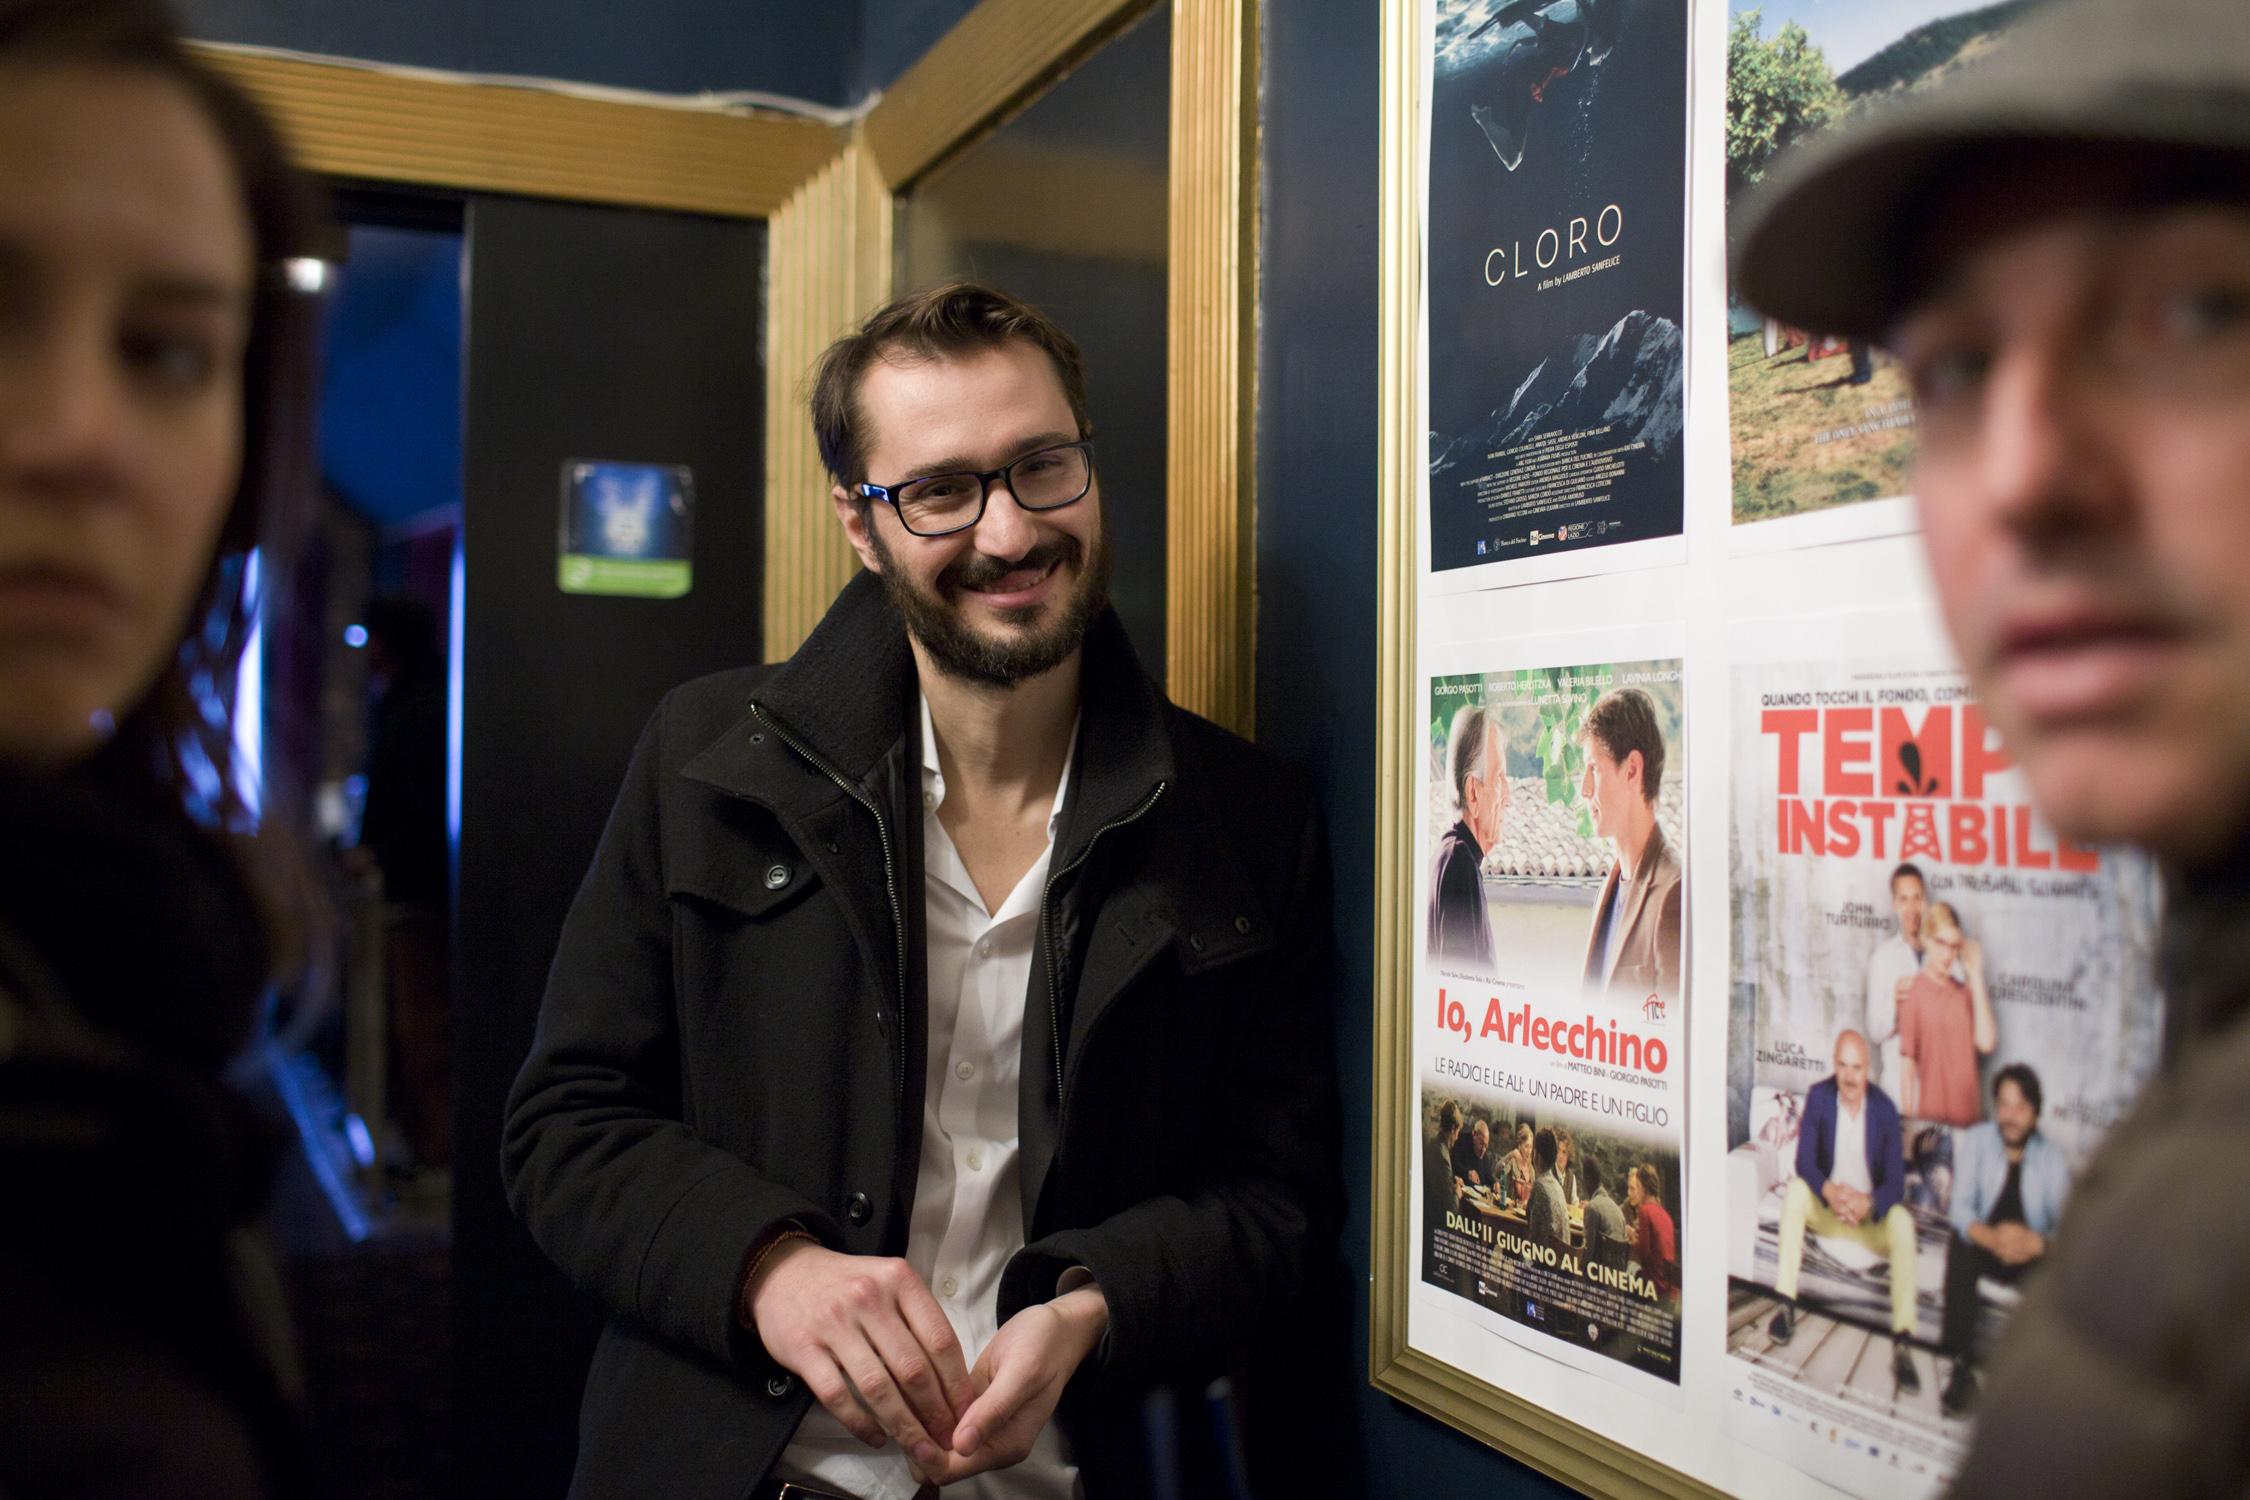 Filmmakers Alessia Scarso, Matteo Bini & Marco Pontecorvo